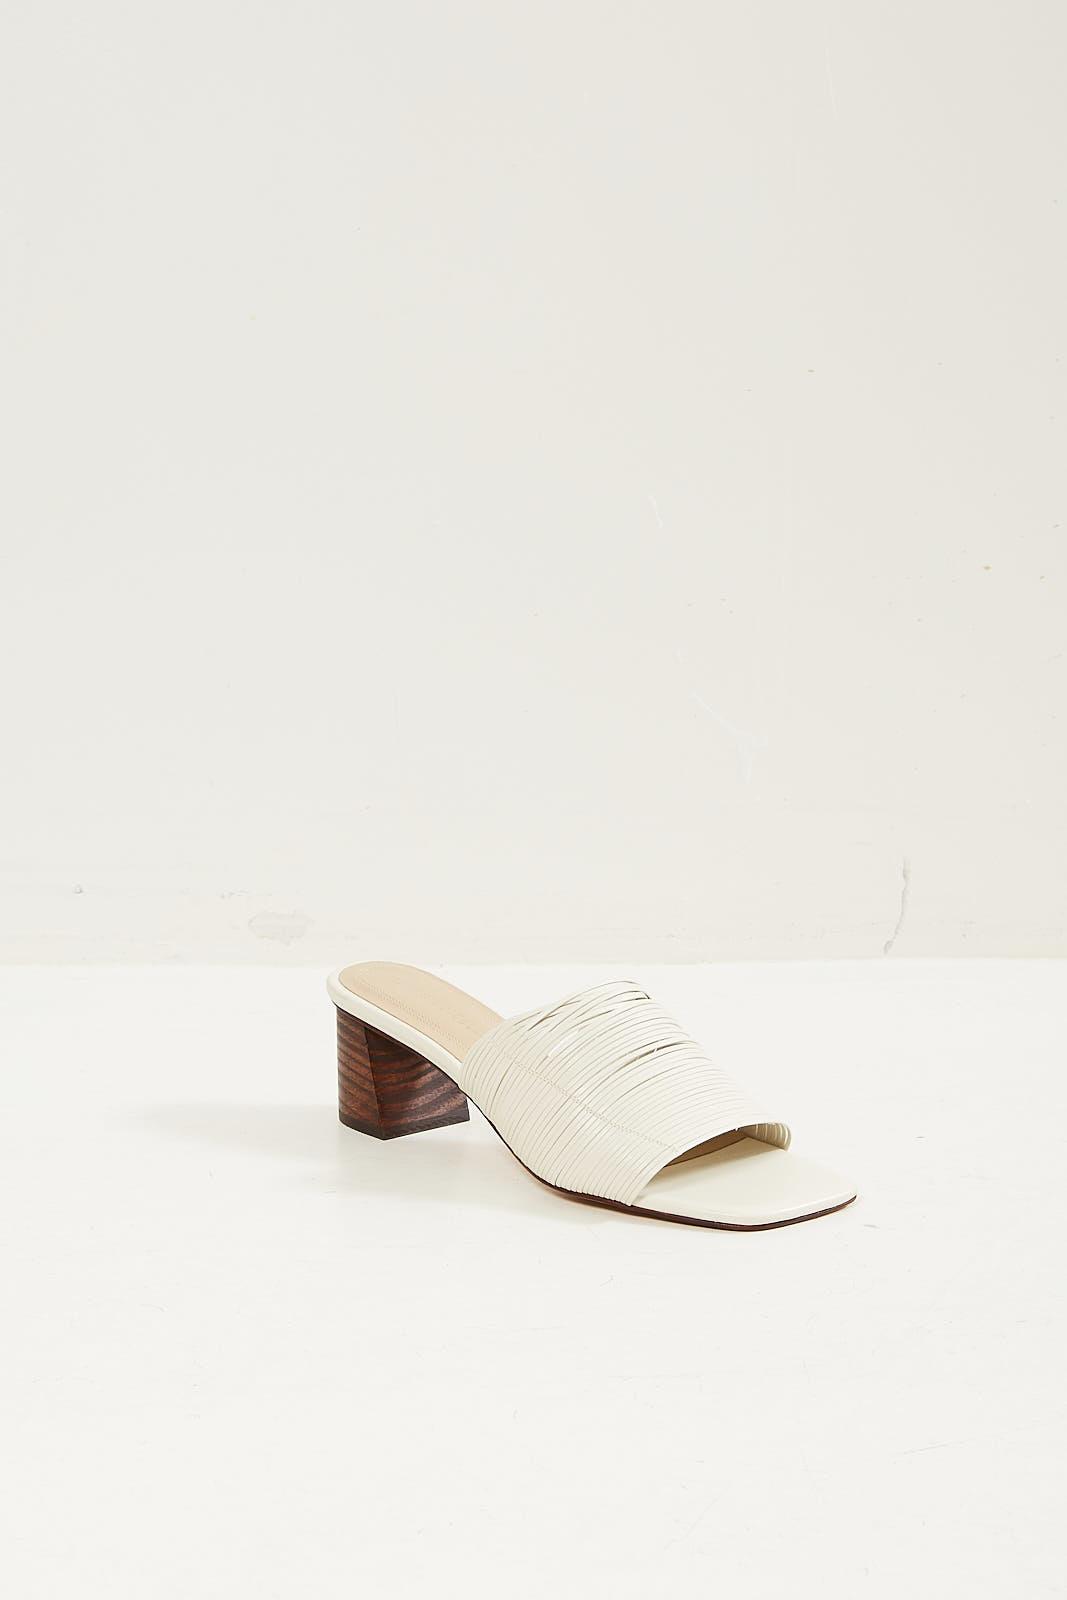 Mari Giudicelli Gisele sandal off white